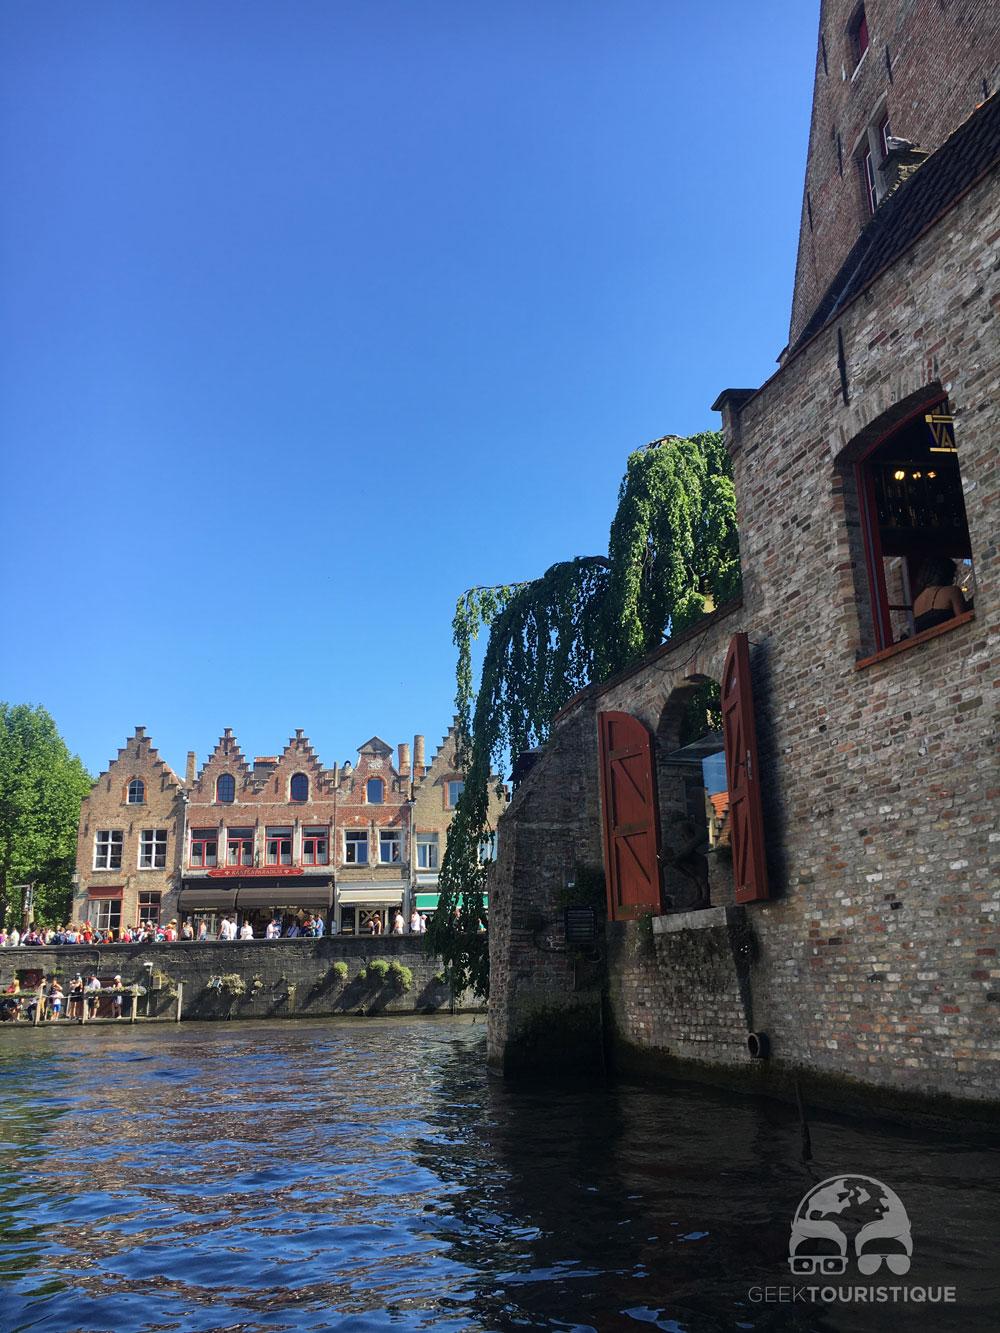 Geektouristique-Bruges-9